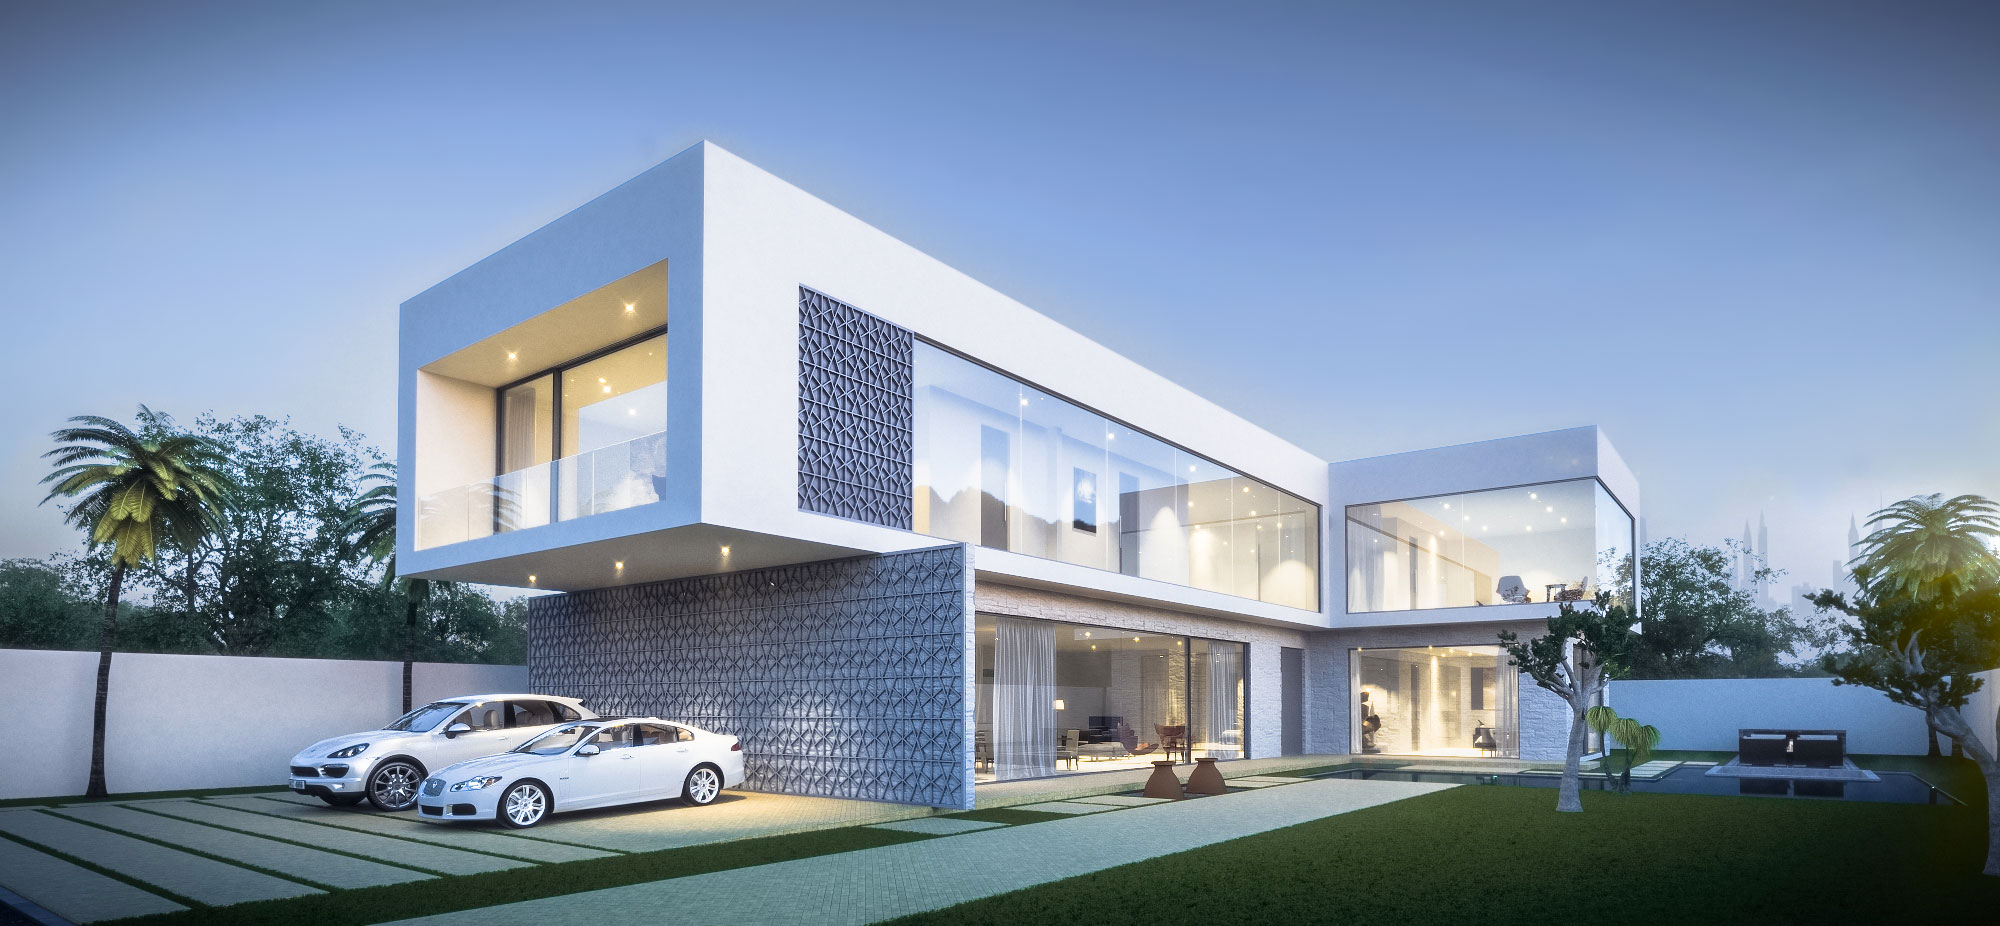 Dubai Villa Architectural Concept Design